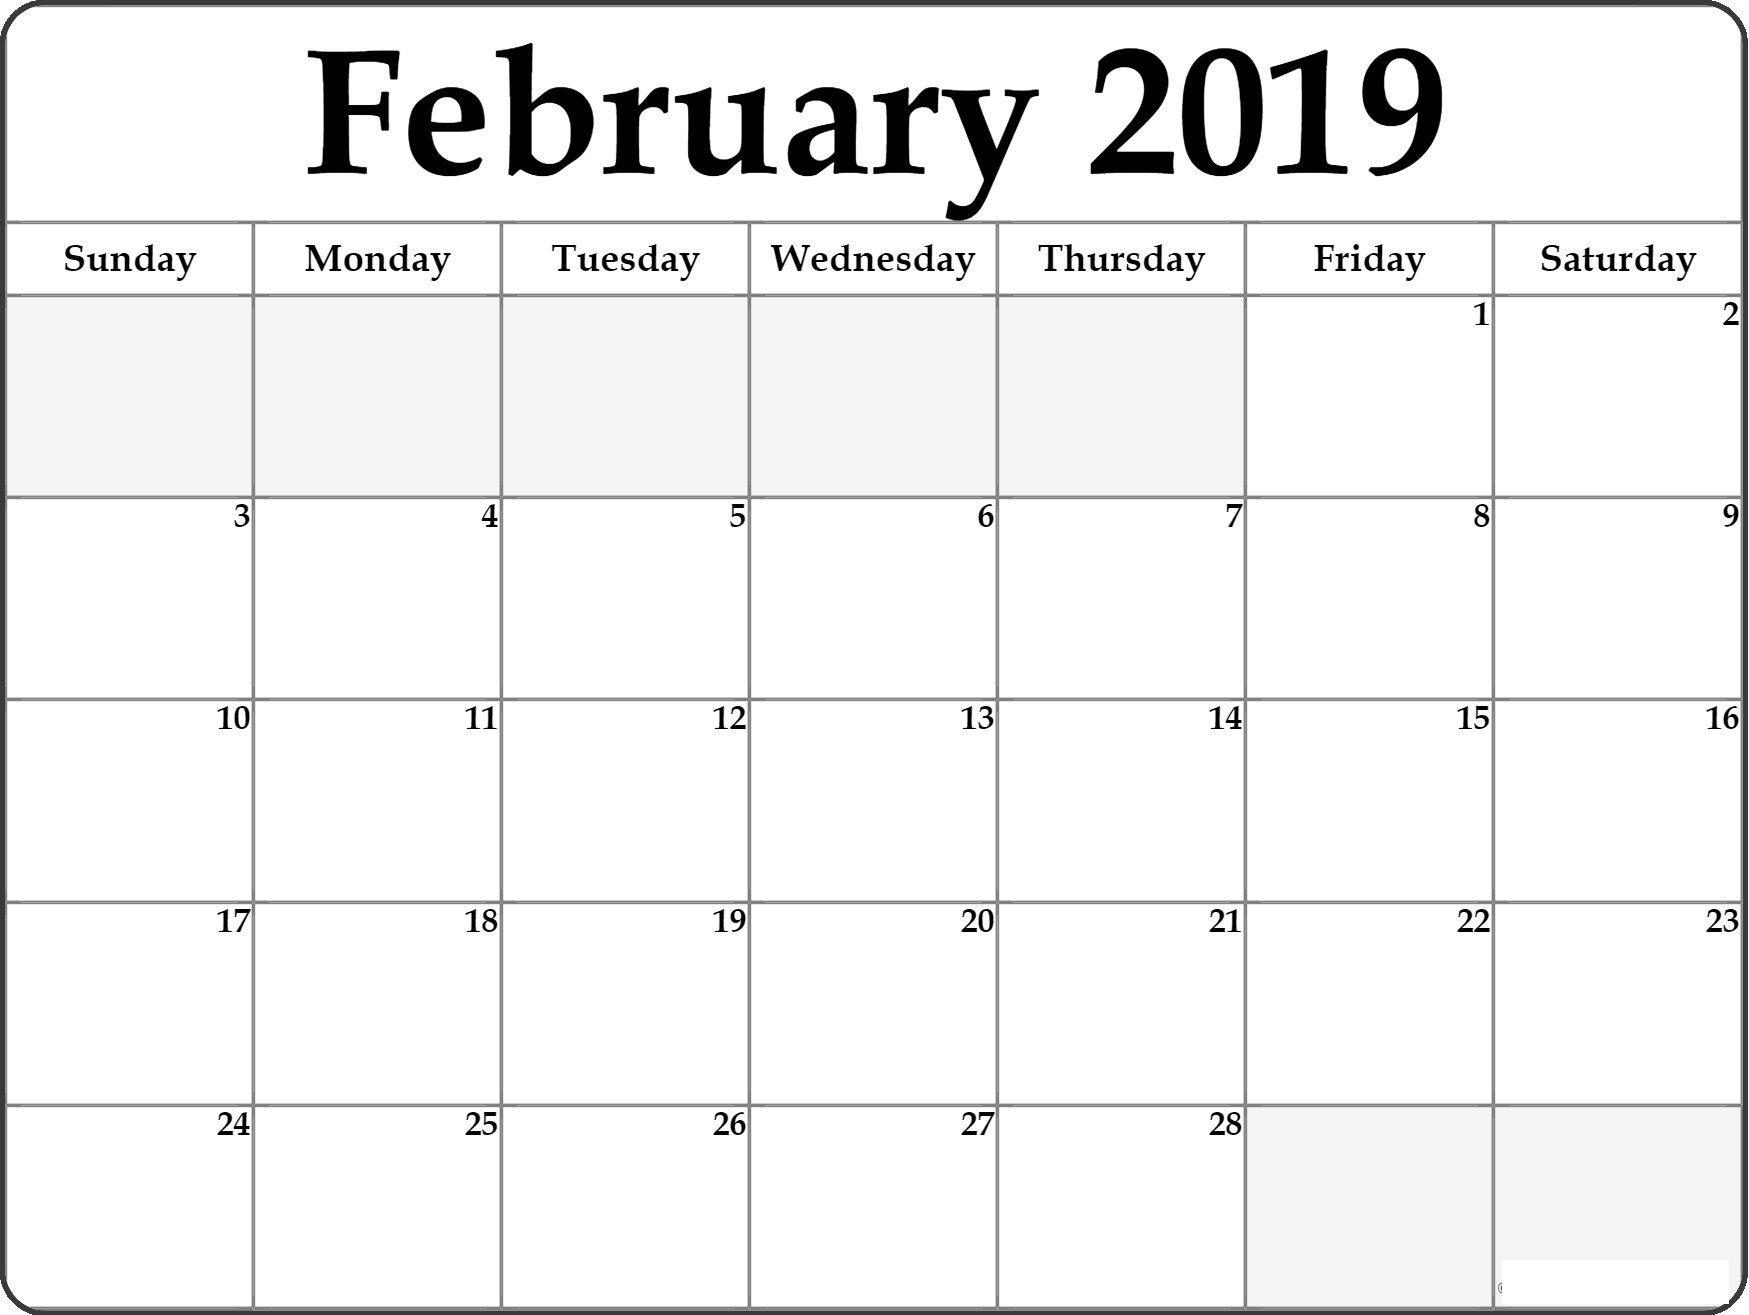 February Calendar 2019 Manage Work February Calendar 2019 Manage